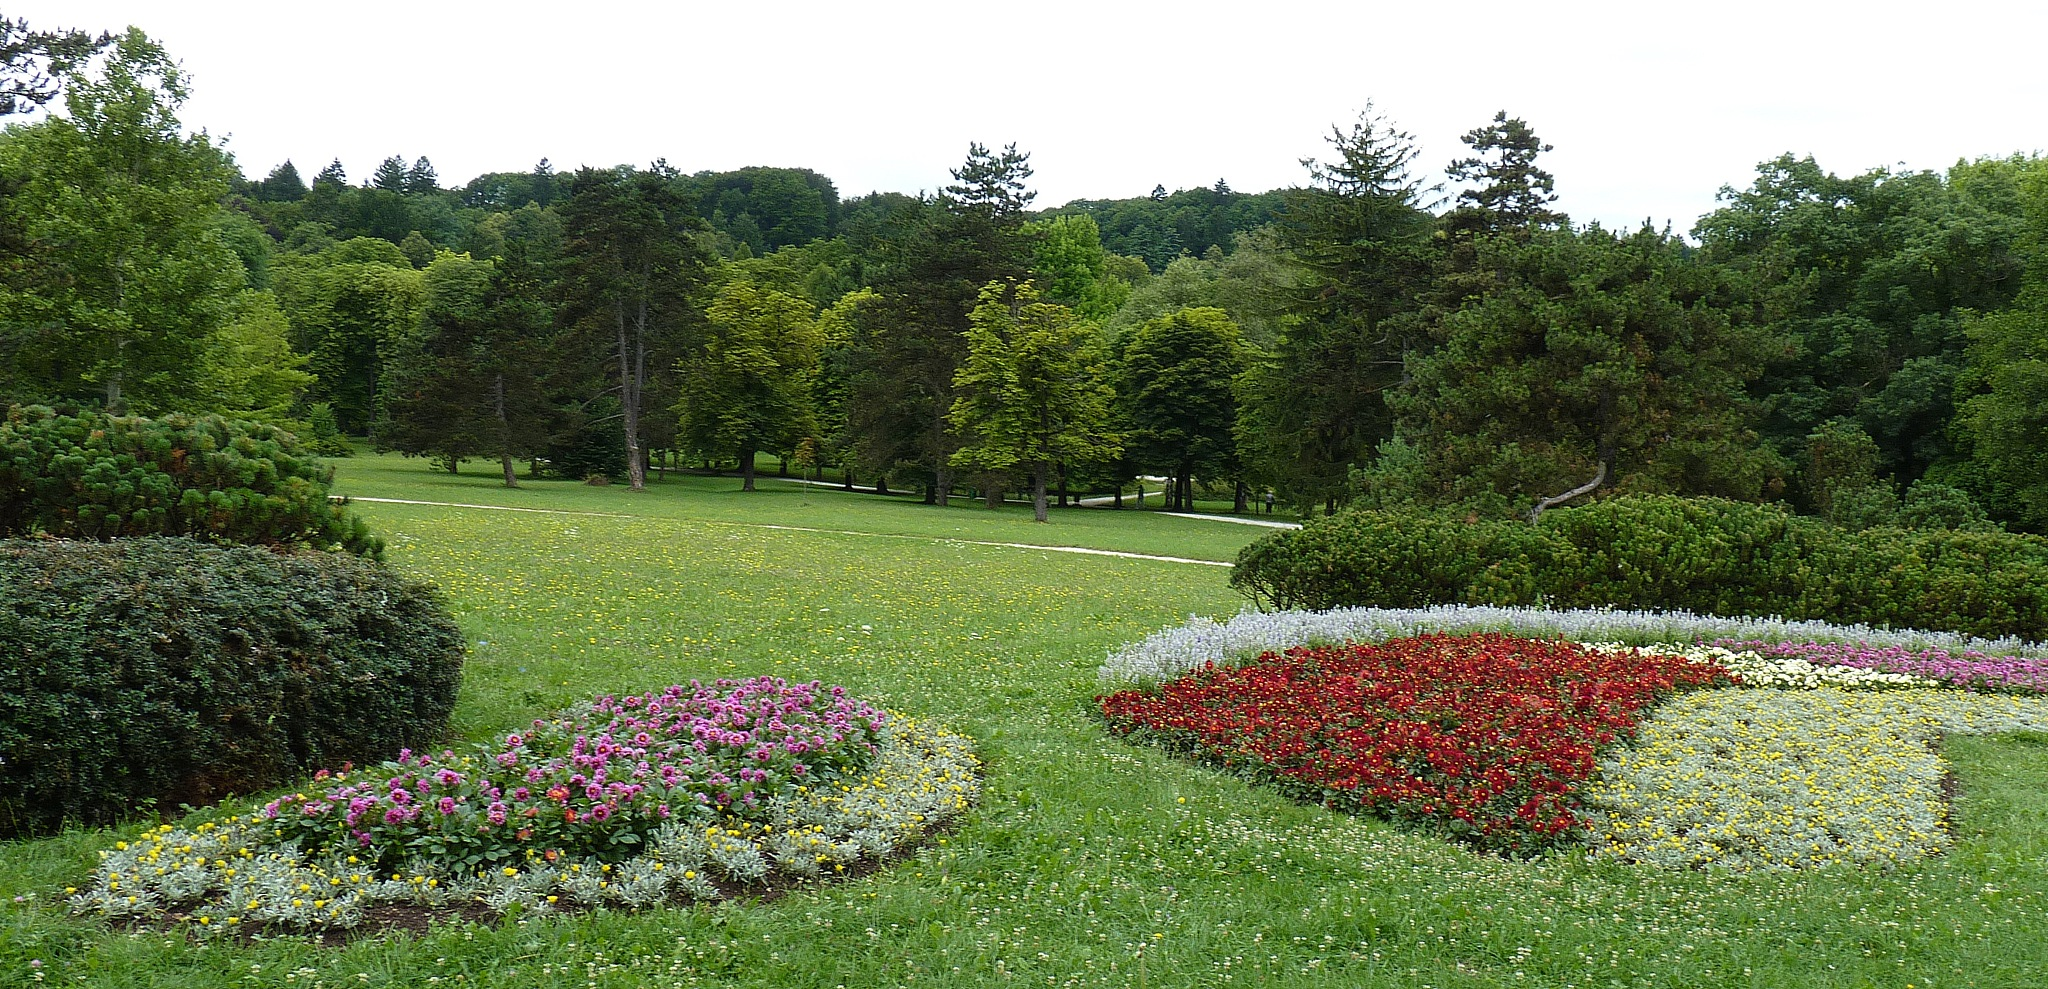 Park Tivoli by zvnktomasevic